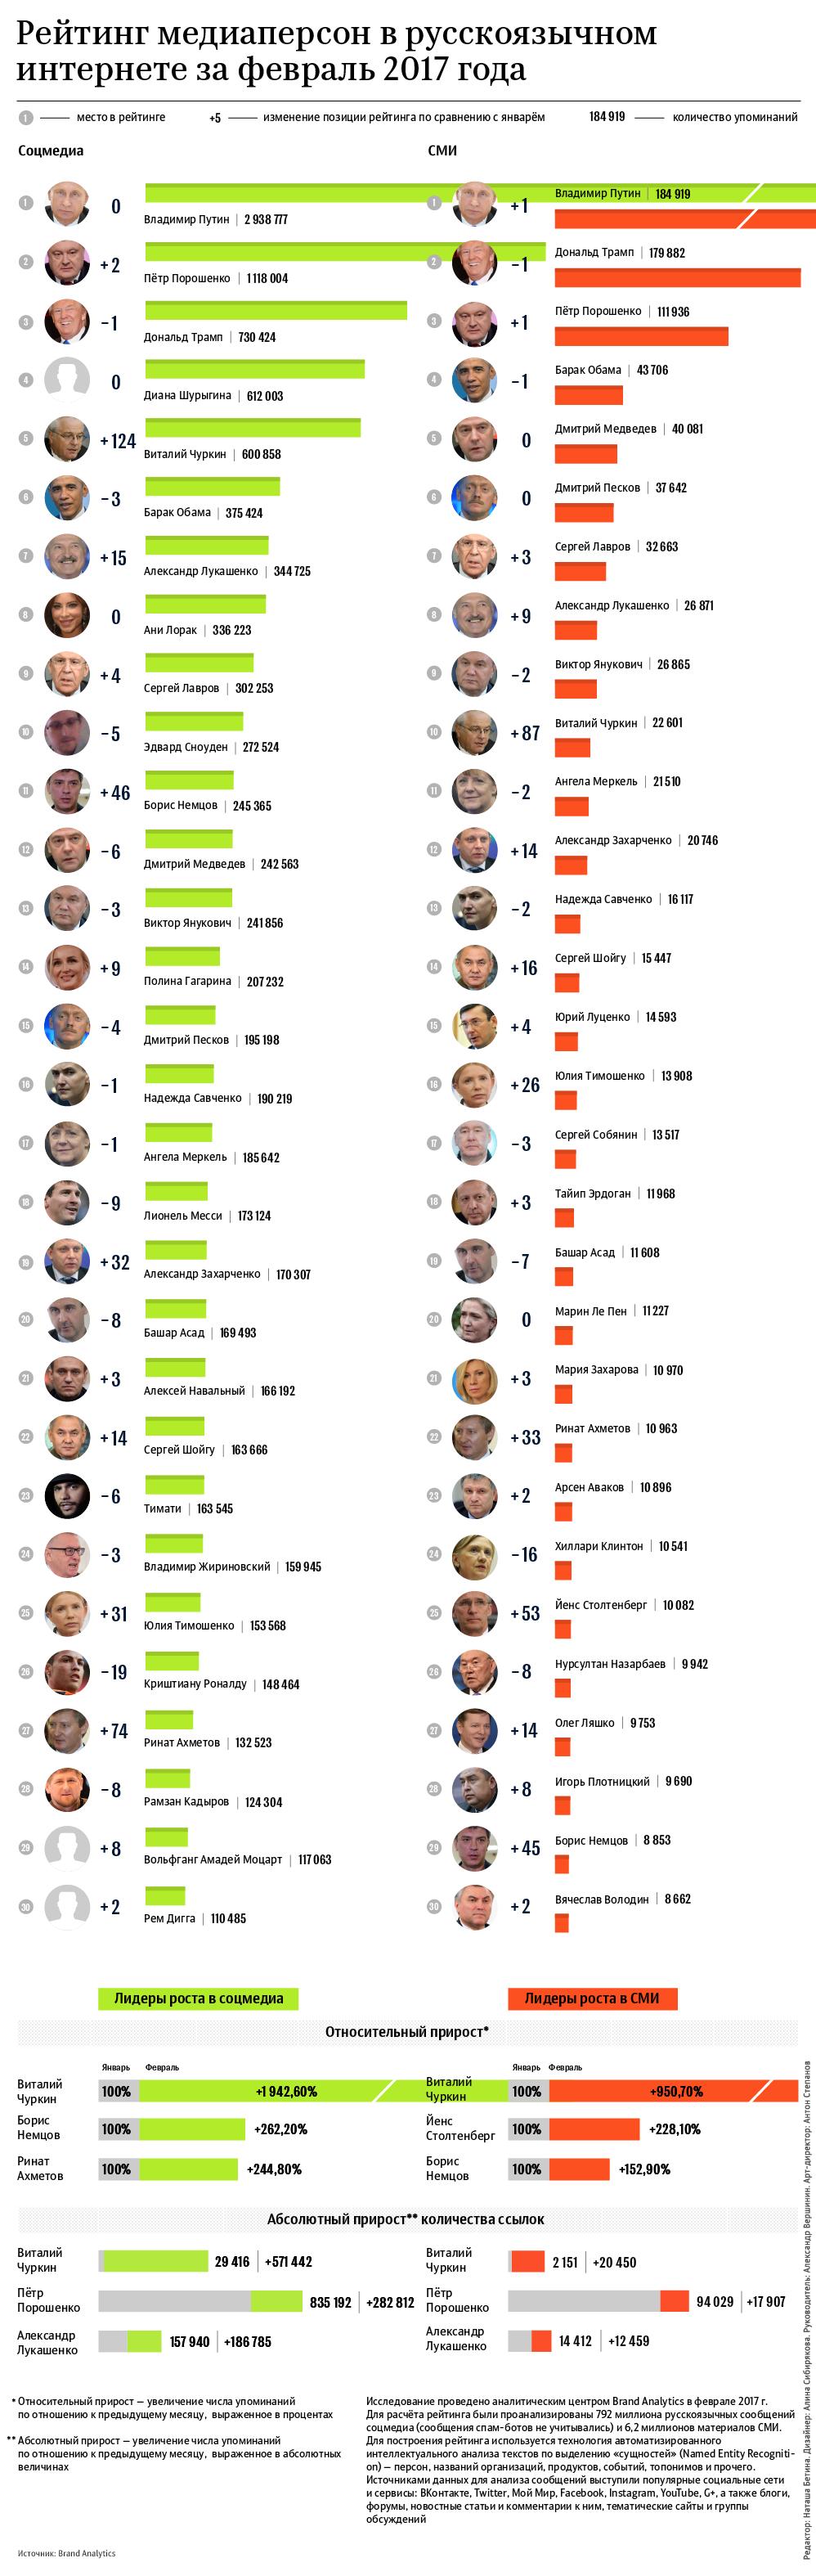 Рейтинг медиаперсон в русскоязычном интернете за февраль 2017 года